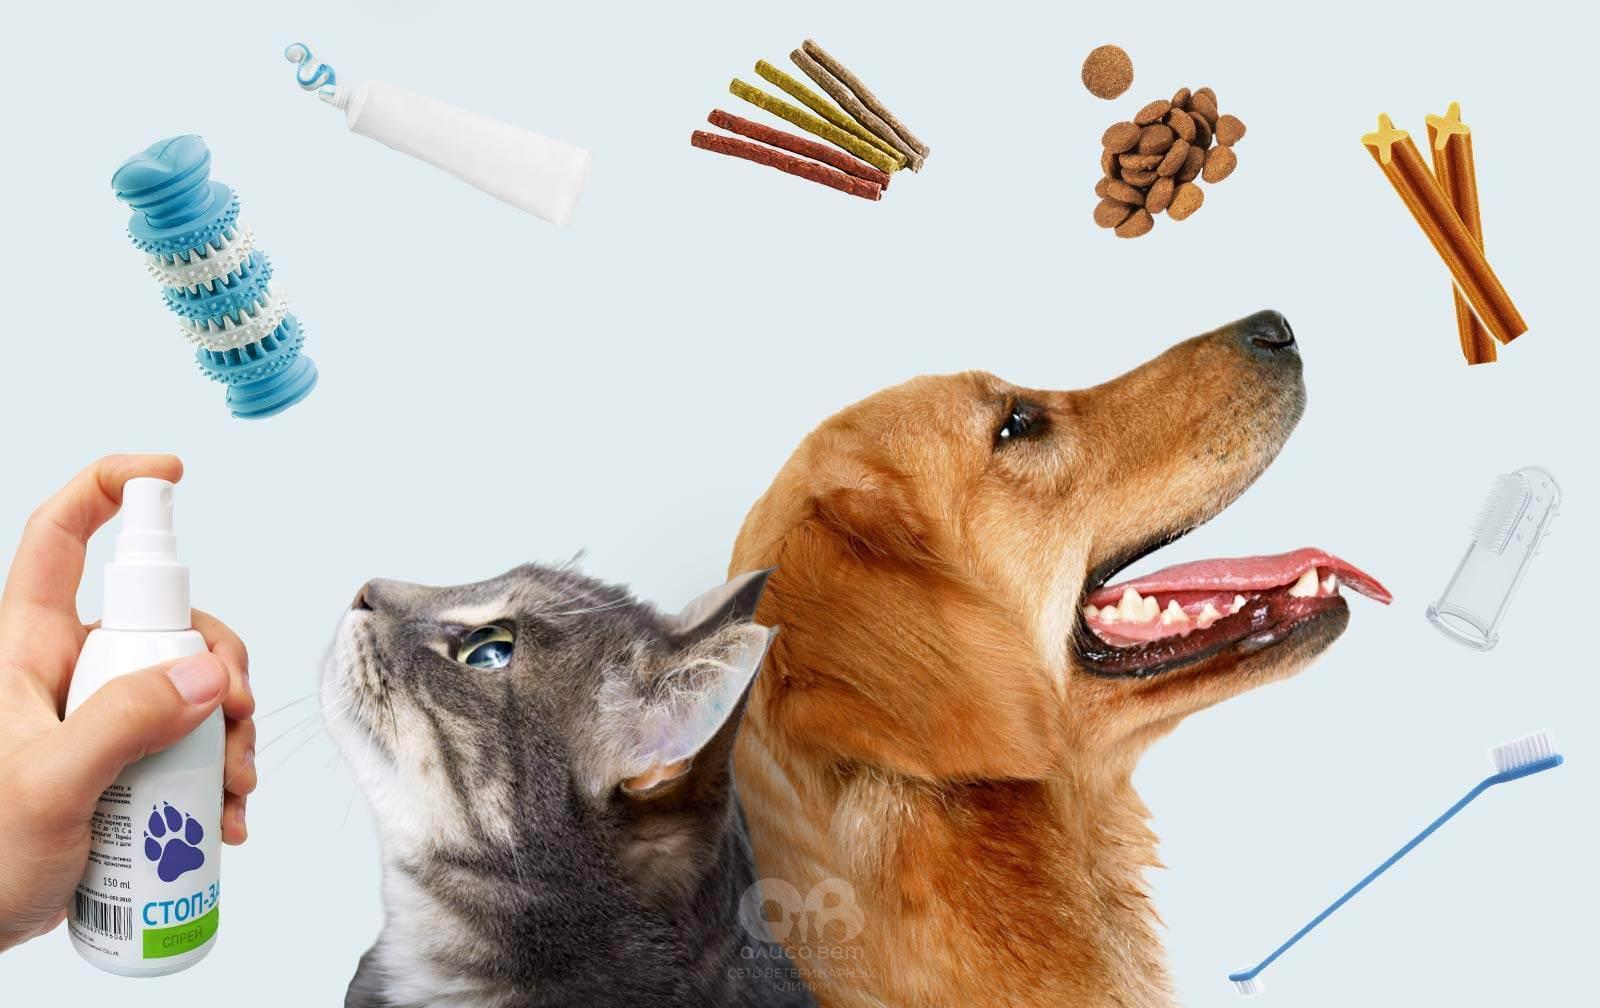 Как чистить зубы кошкам? чем проводить чистку зубов котенку и взрослому коту в домашних условиях? лучшие средства